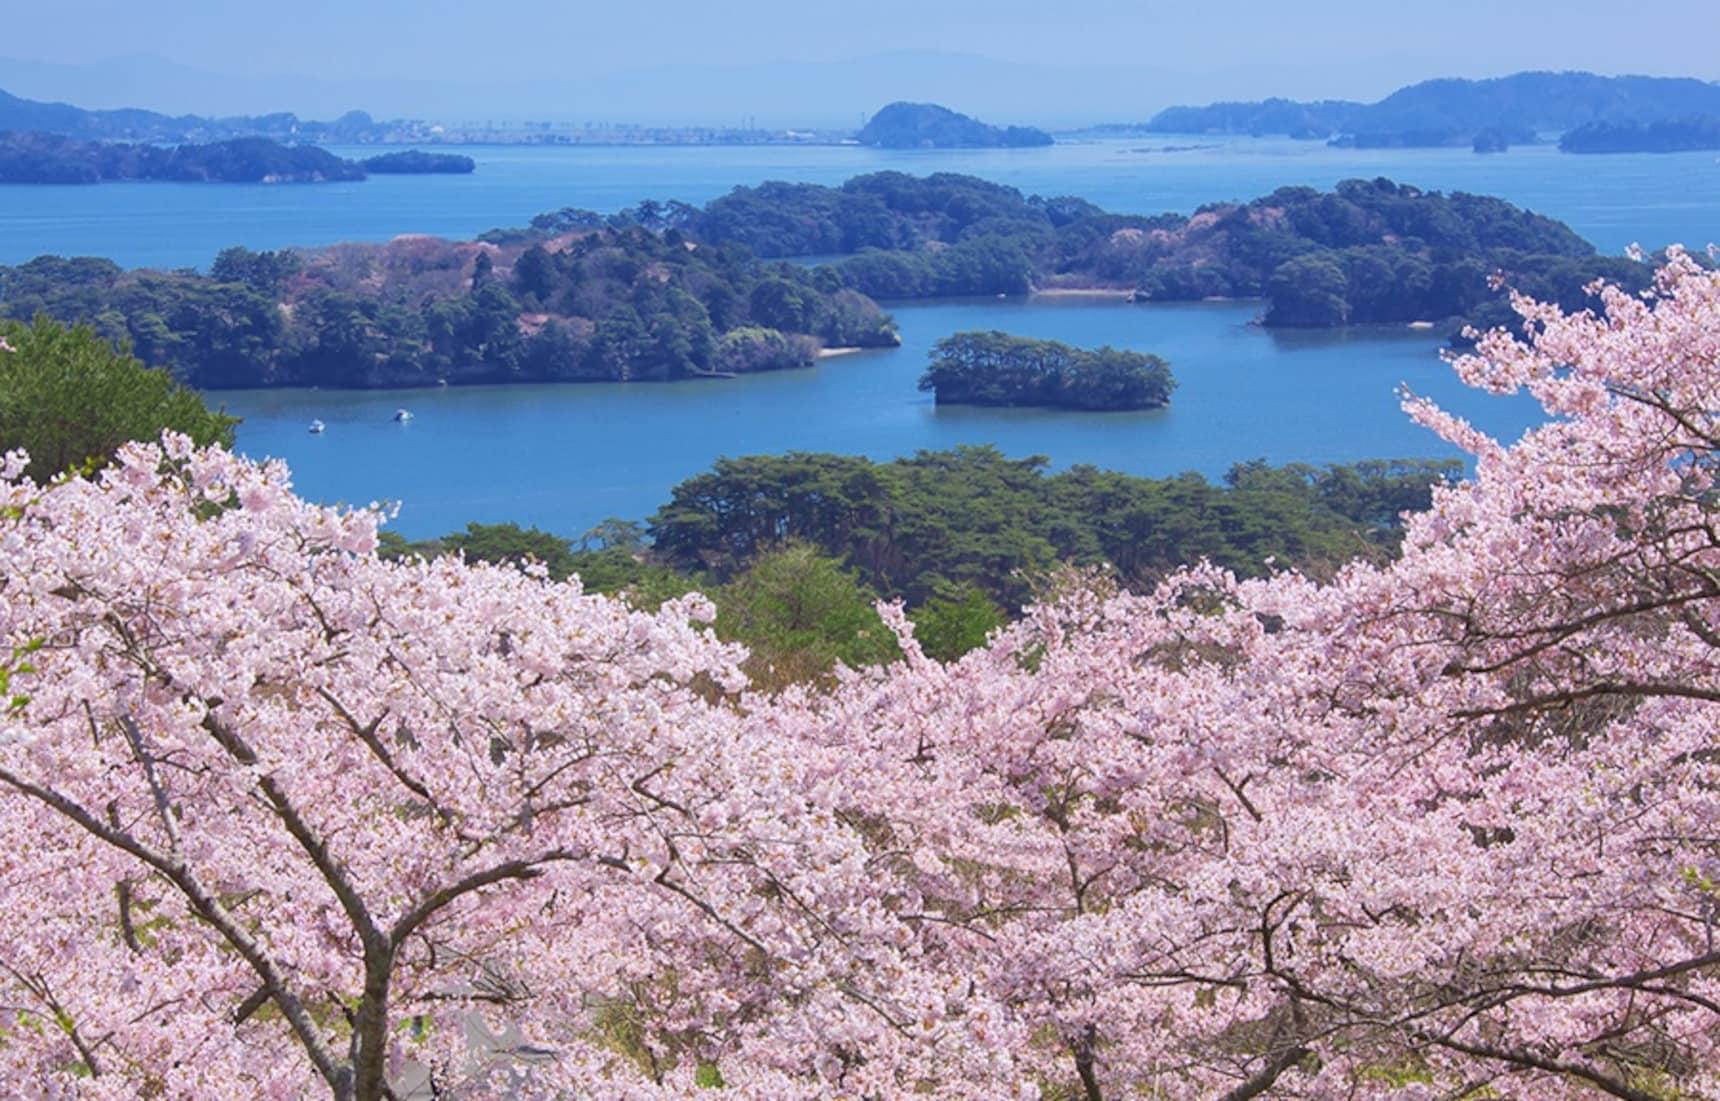 ไฮไลท์ 4 ทิวทัศน์ธรรมชาติแสนงดงามของโทโฮคุ